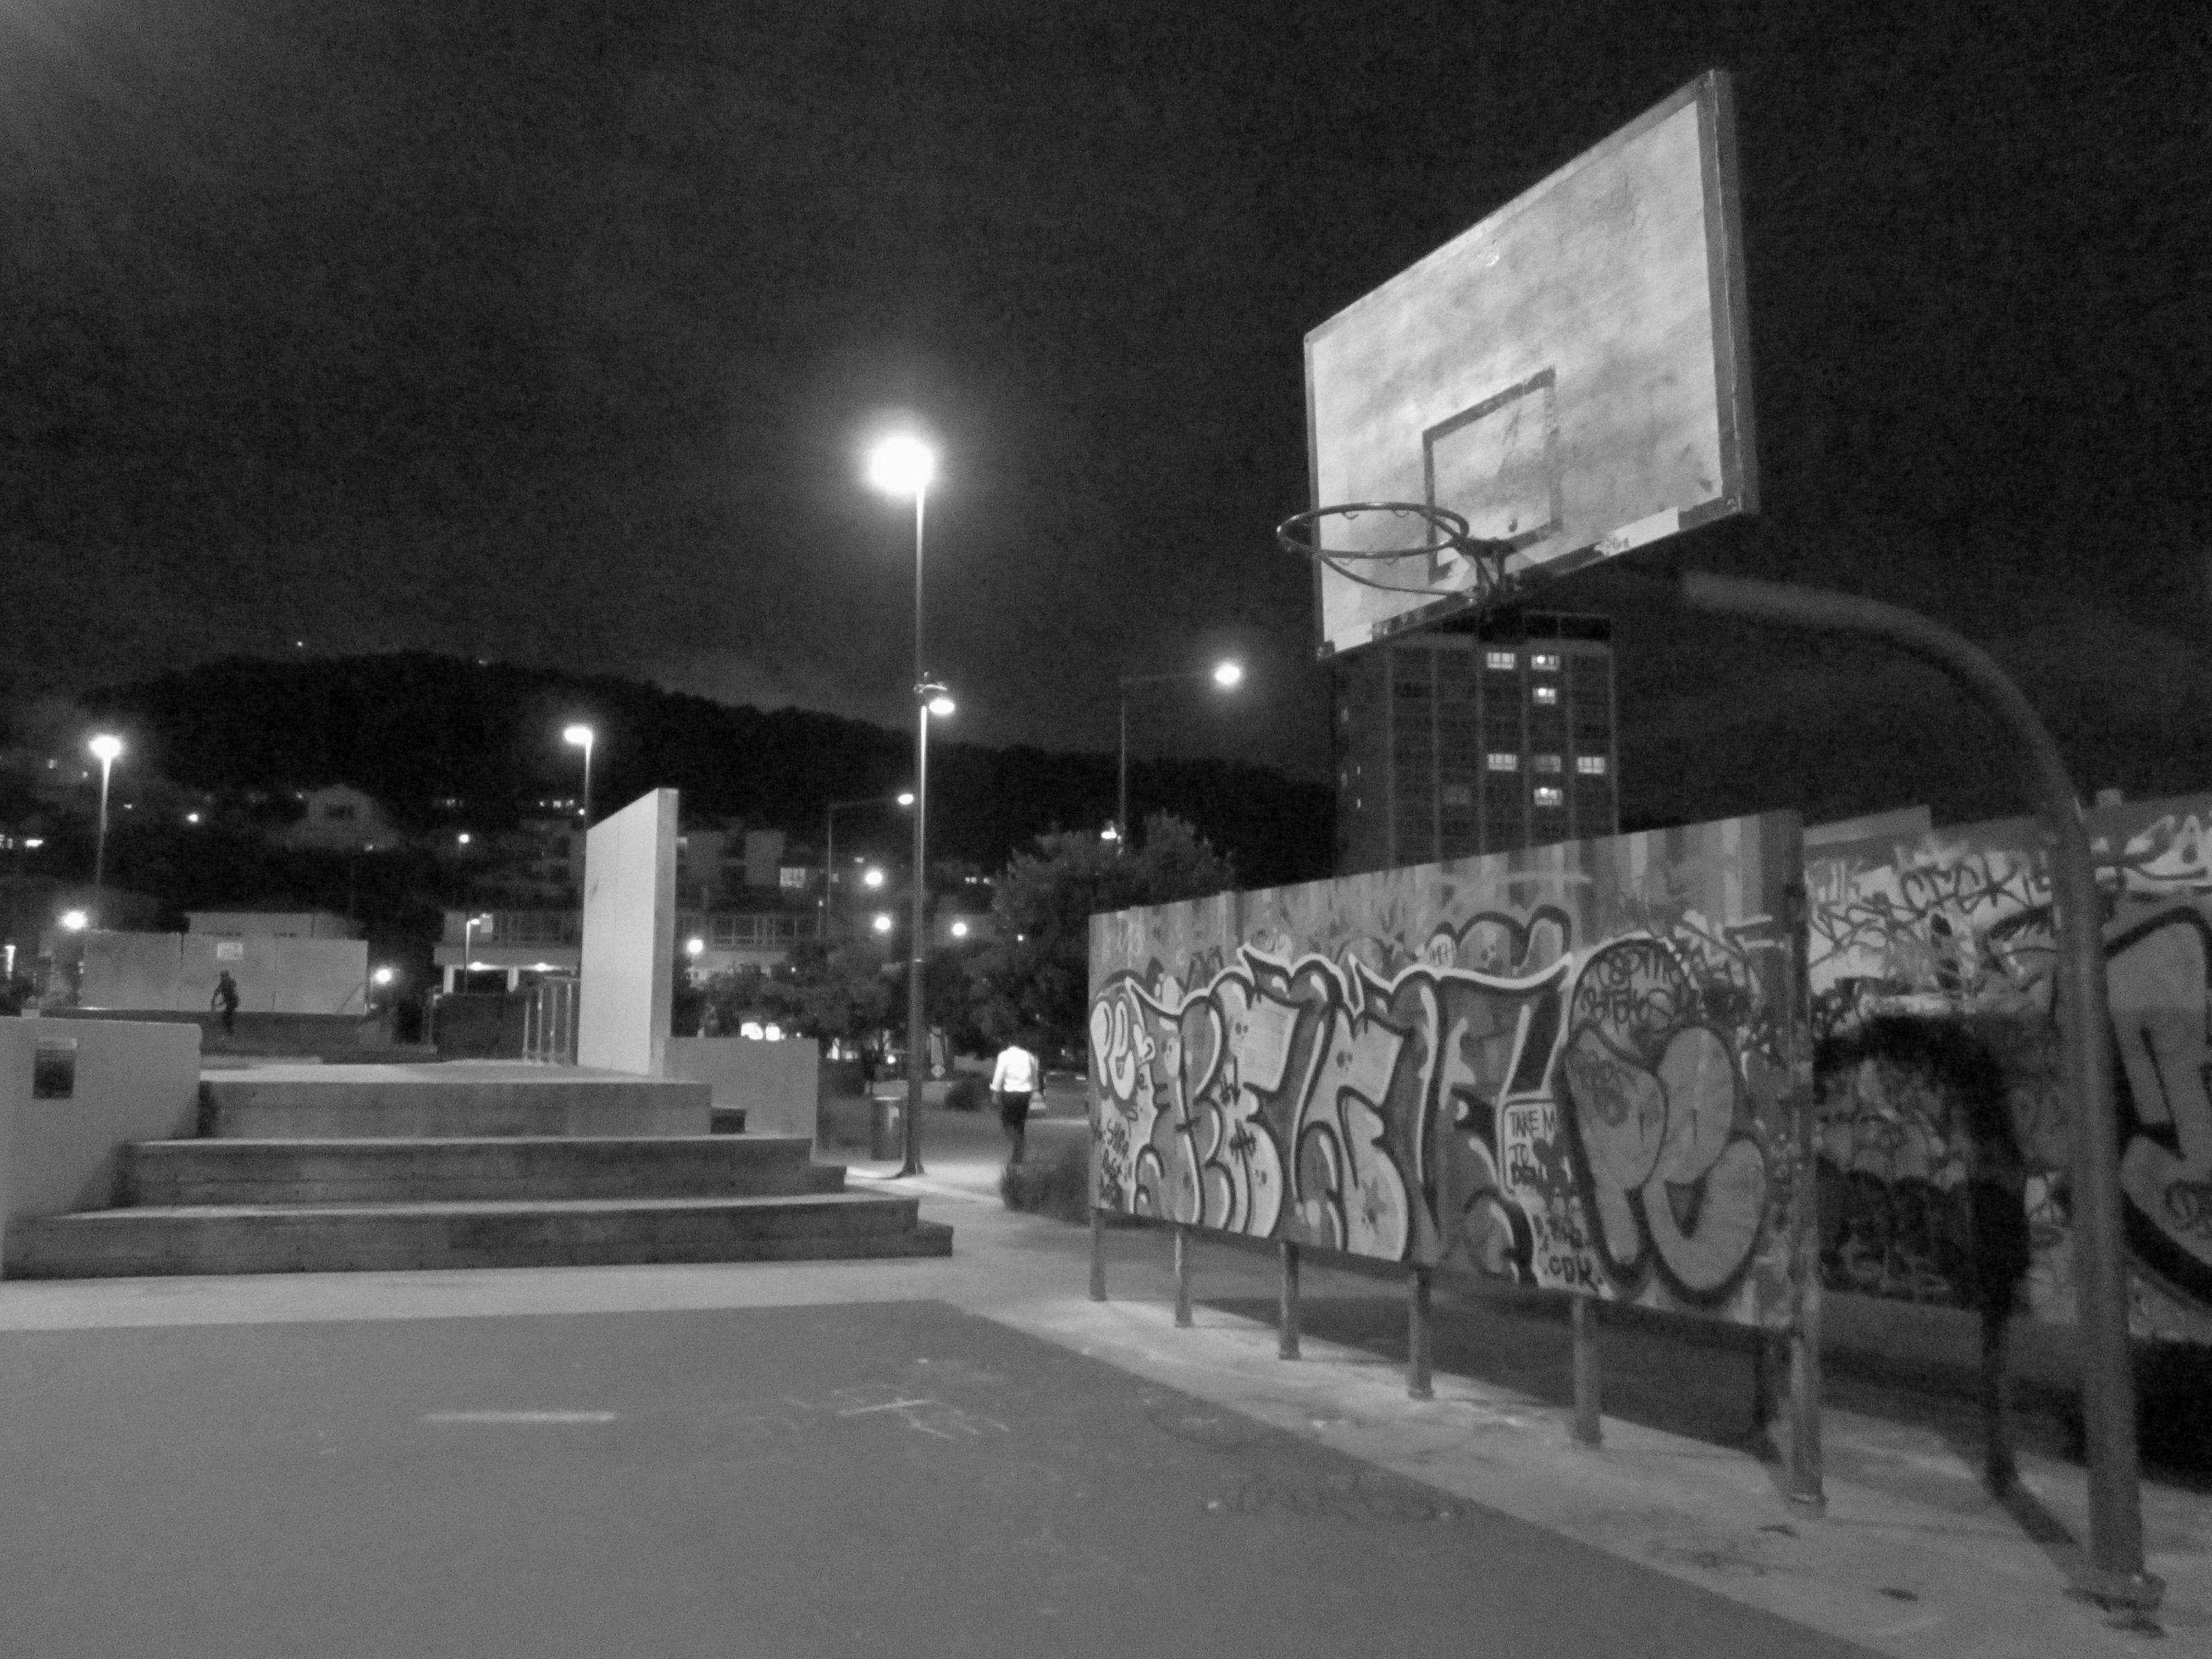 Urban Playground Photoshoot